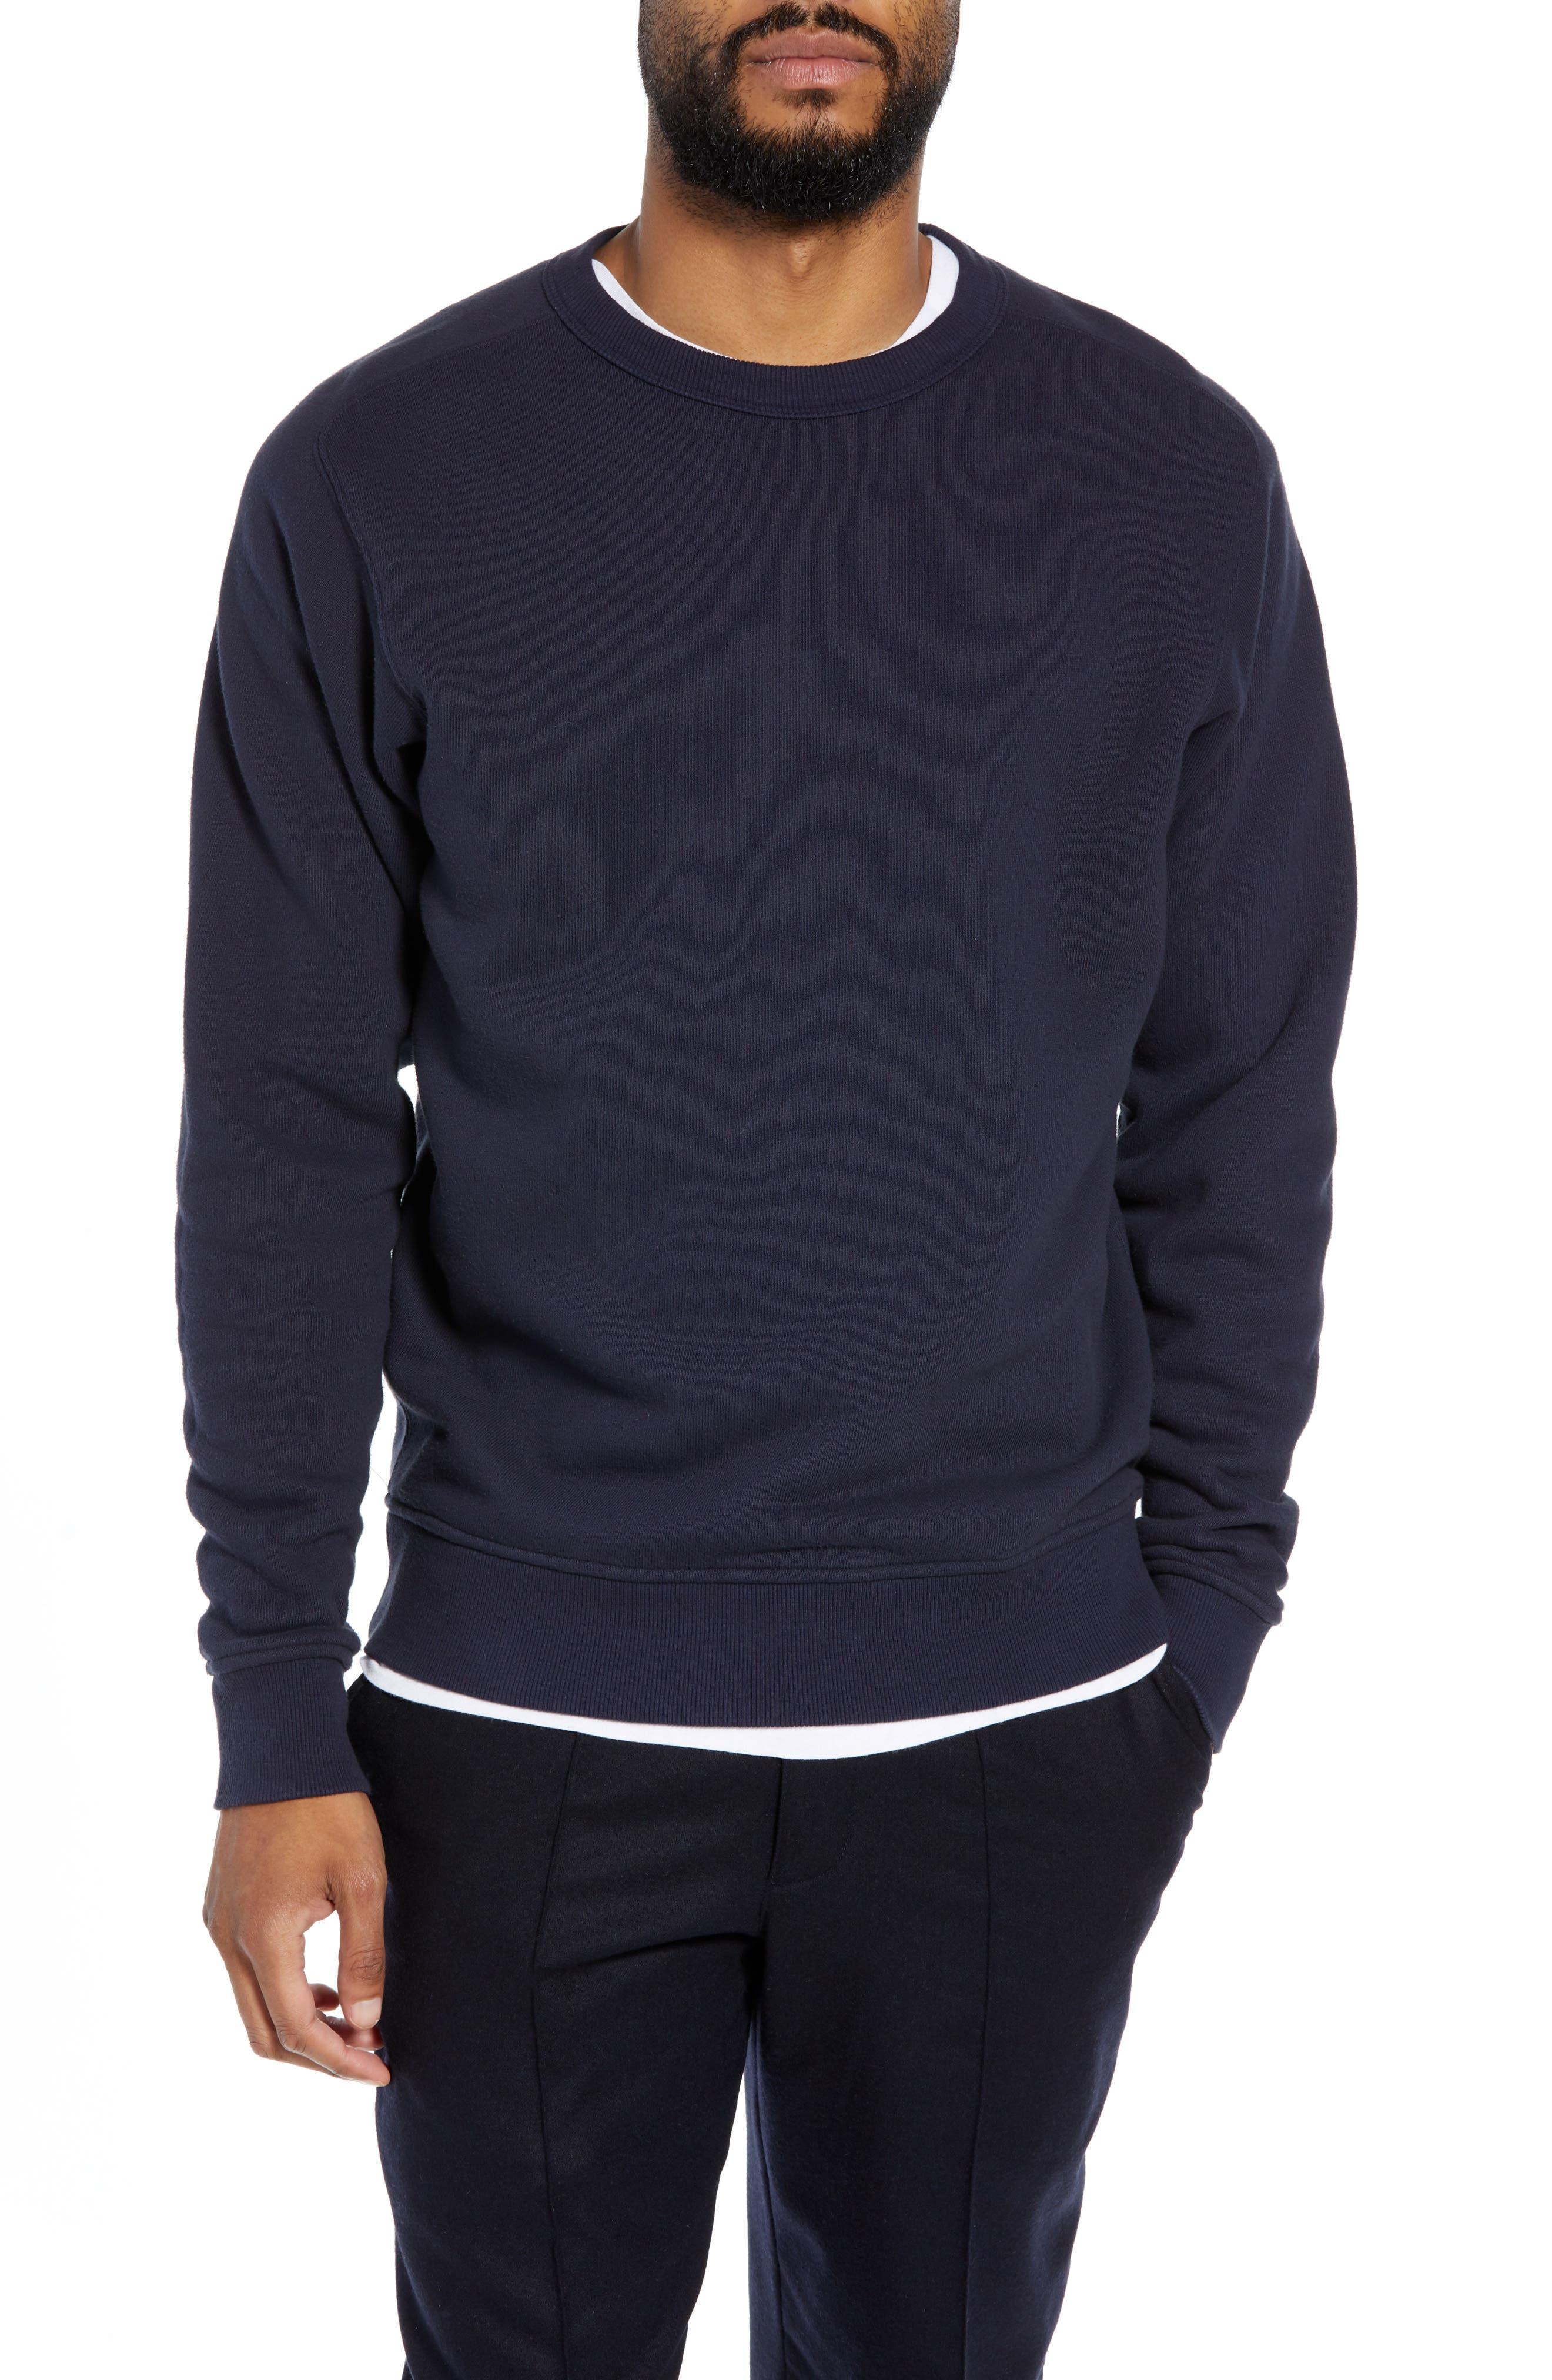 Almost Grown Crewneck Sweatshirt,                         Main,                         color, NAVY